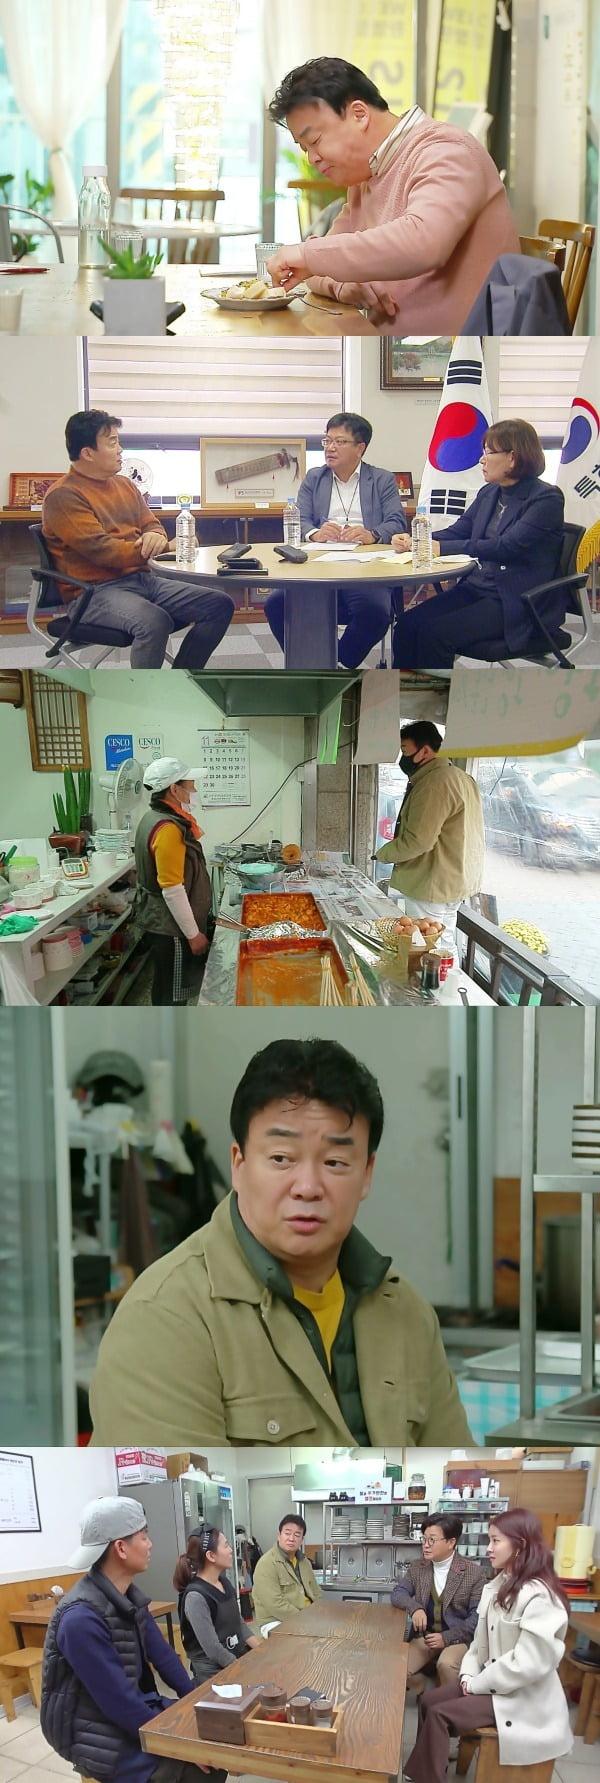 '백종원의 골목식당'이 힘든 시기에도 계속해서 사업을 확장해 나가는 가게부터 도움의 손길이 필요한 가게들의 소식을 전한다. / 사진제공=SBS